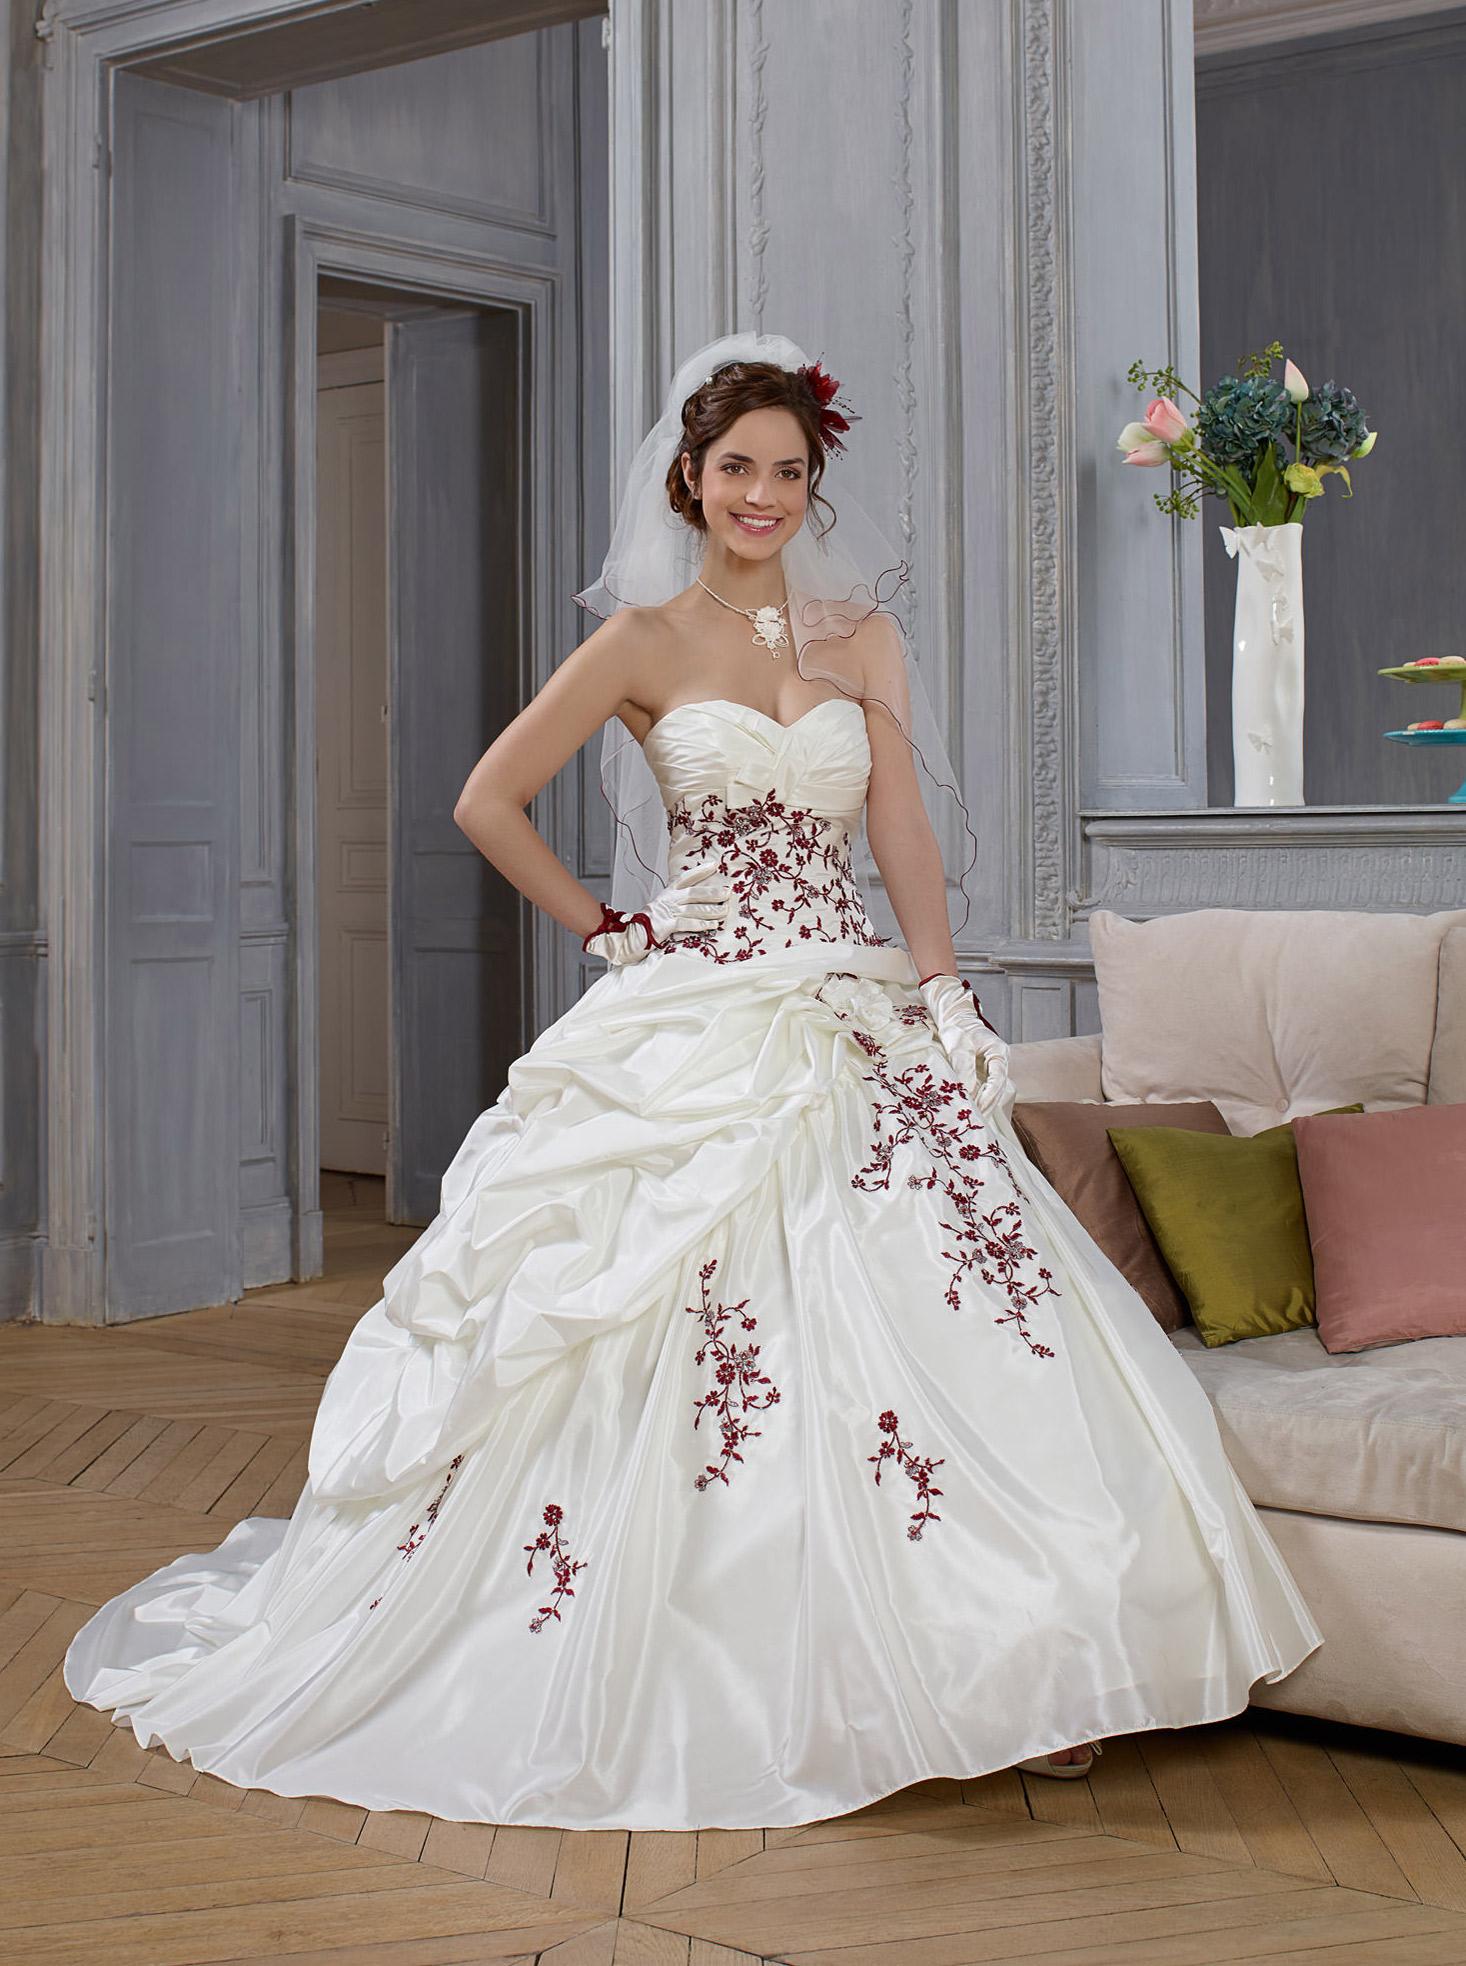 Robe de mari e hellebre point mariage 549 99 for Boutiques de mariage orlando